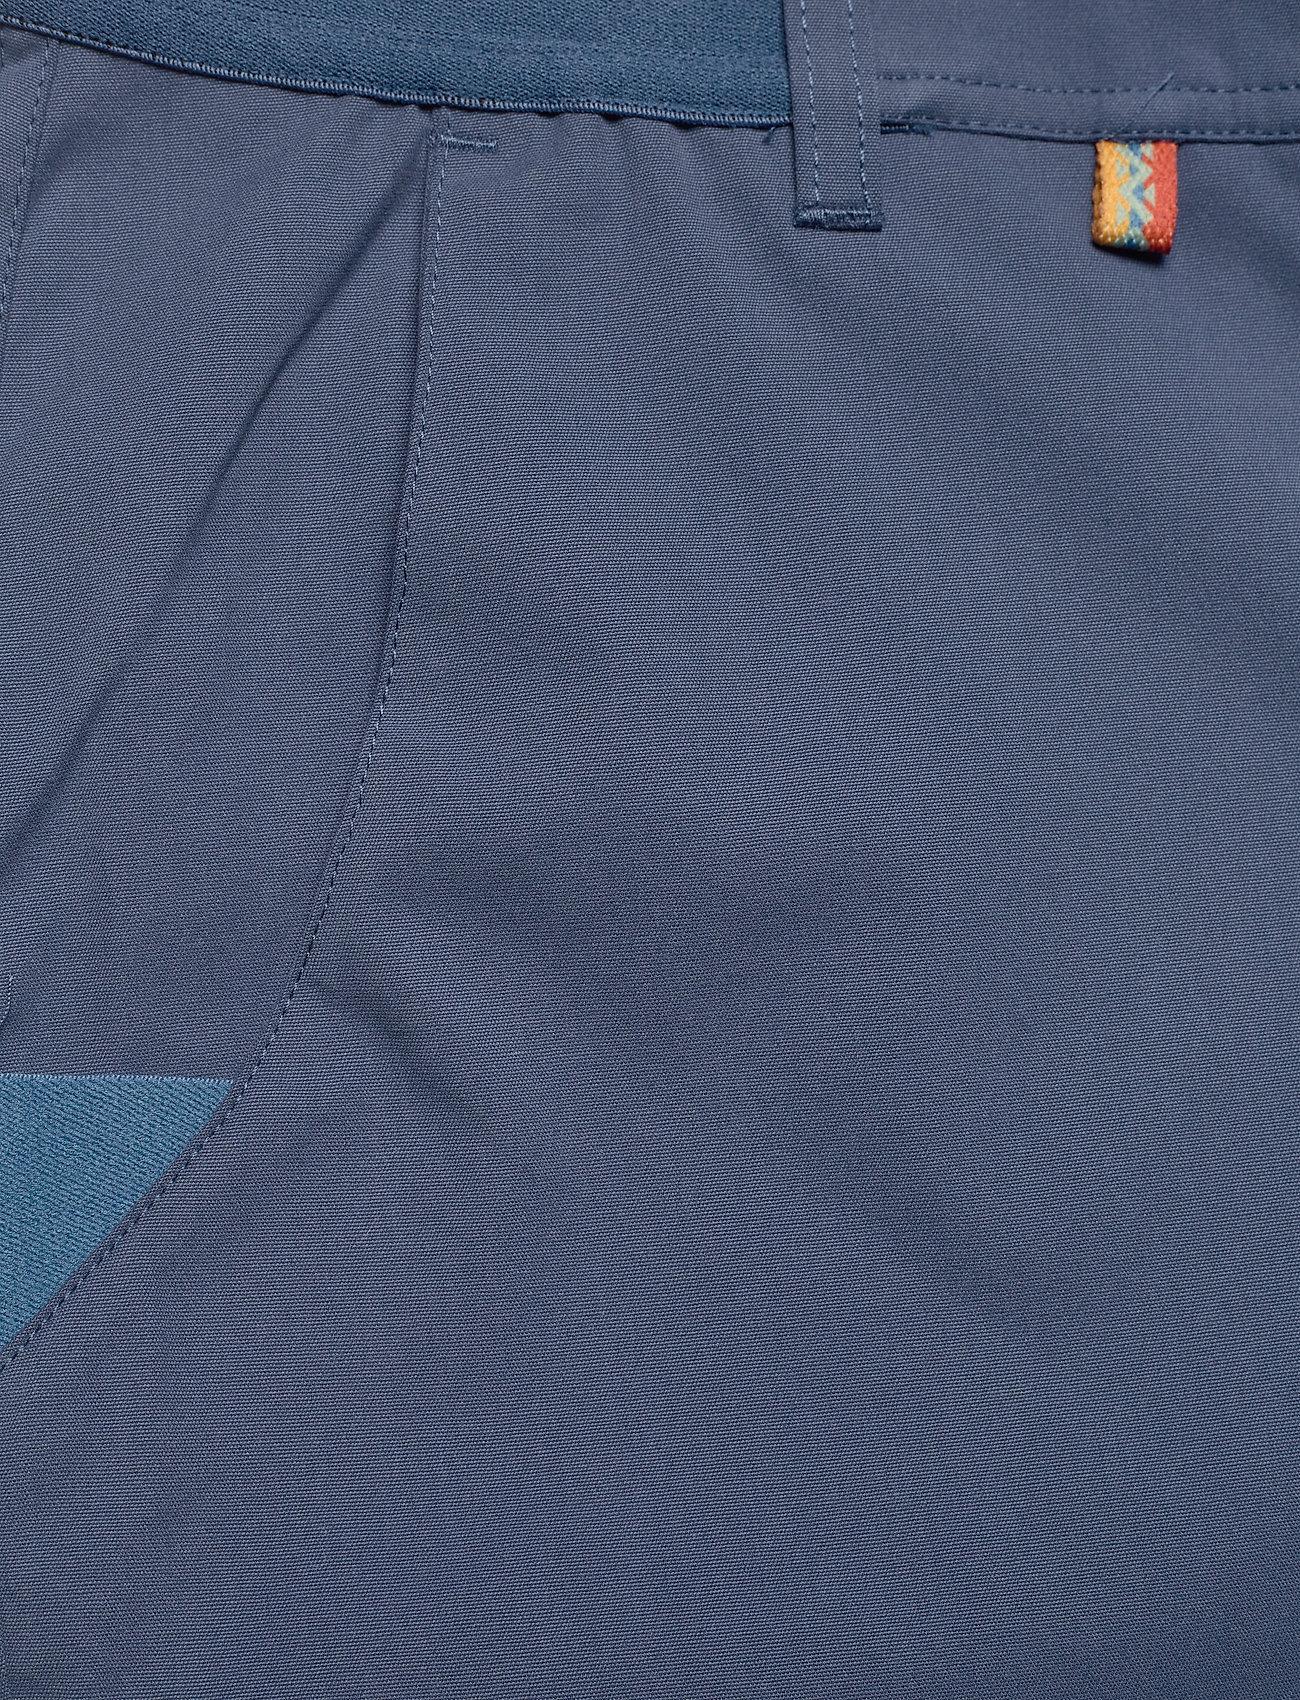 Bula Lull Chino Pants - Bukser DENIM - Menn Klær